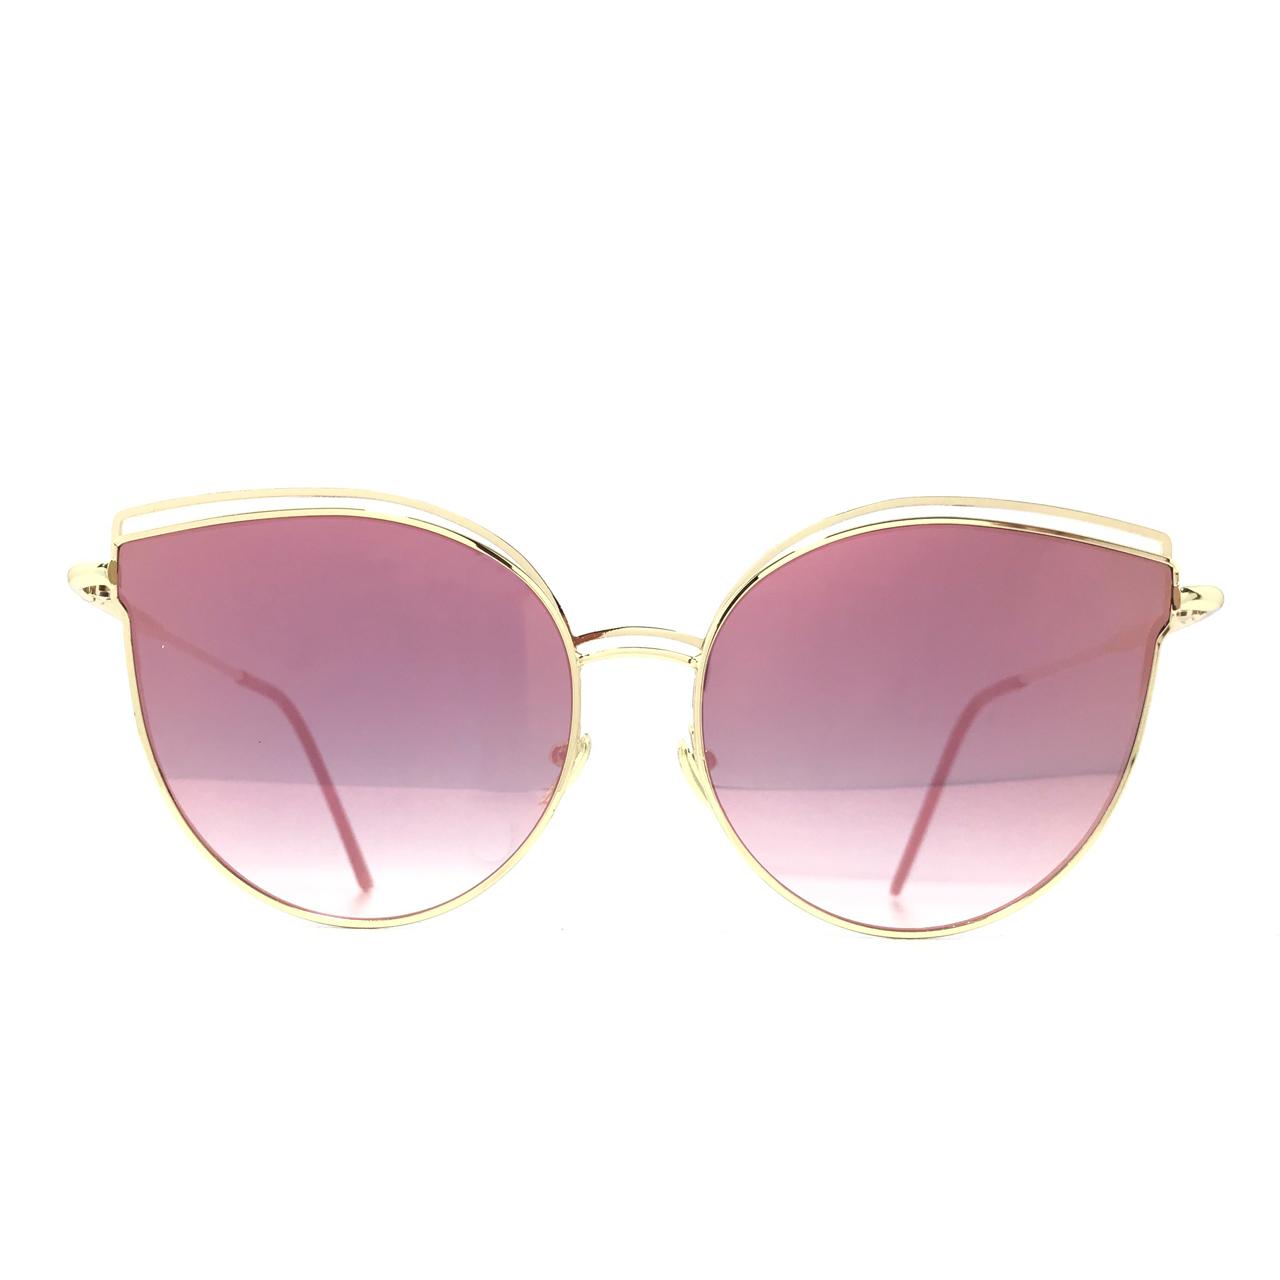 قیمت عینک آفتابی زنانه ریگاتو مدل 3529